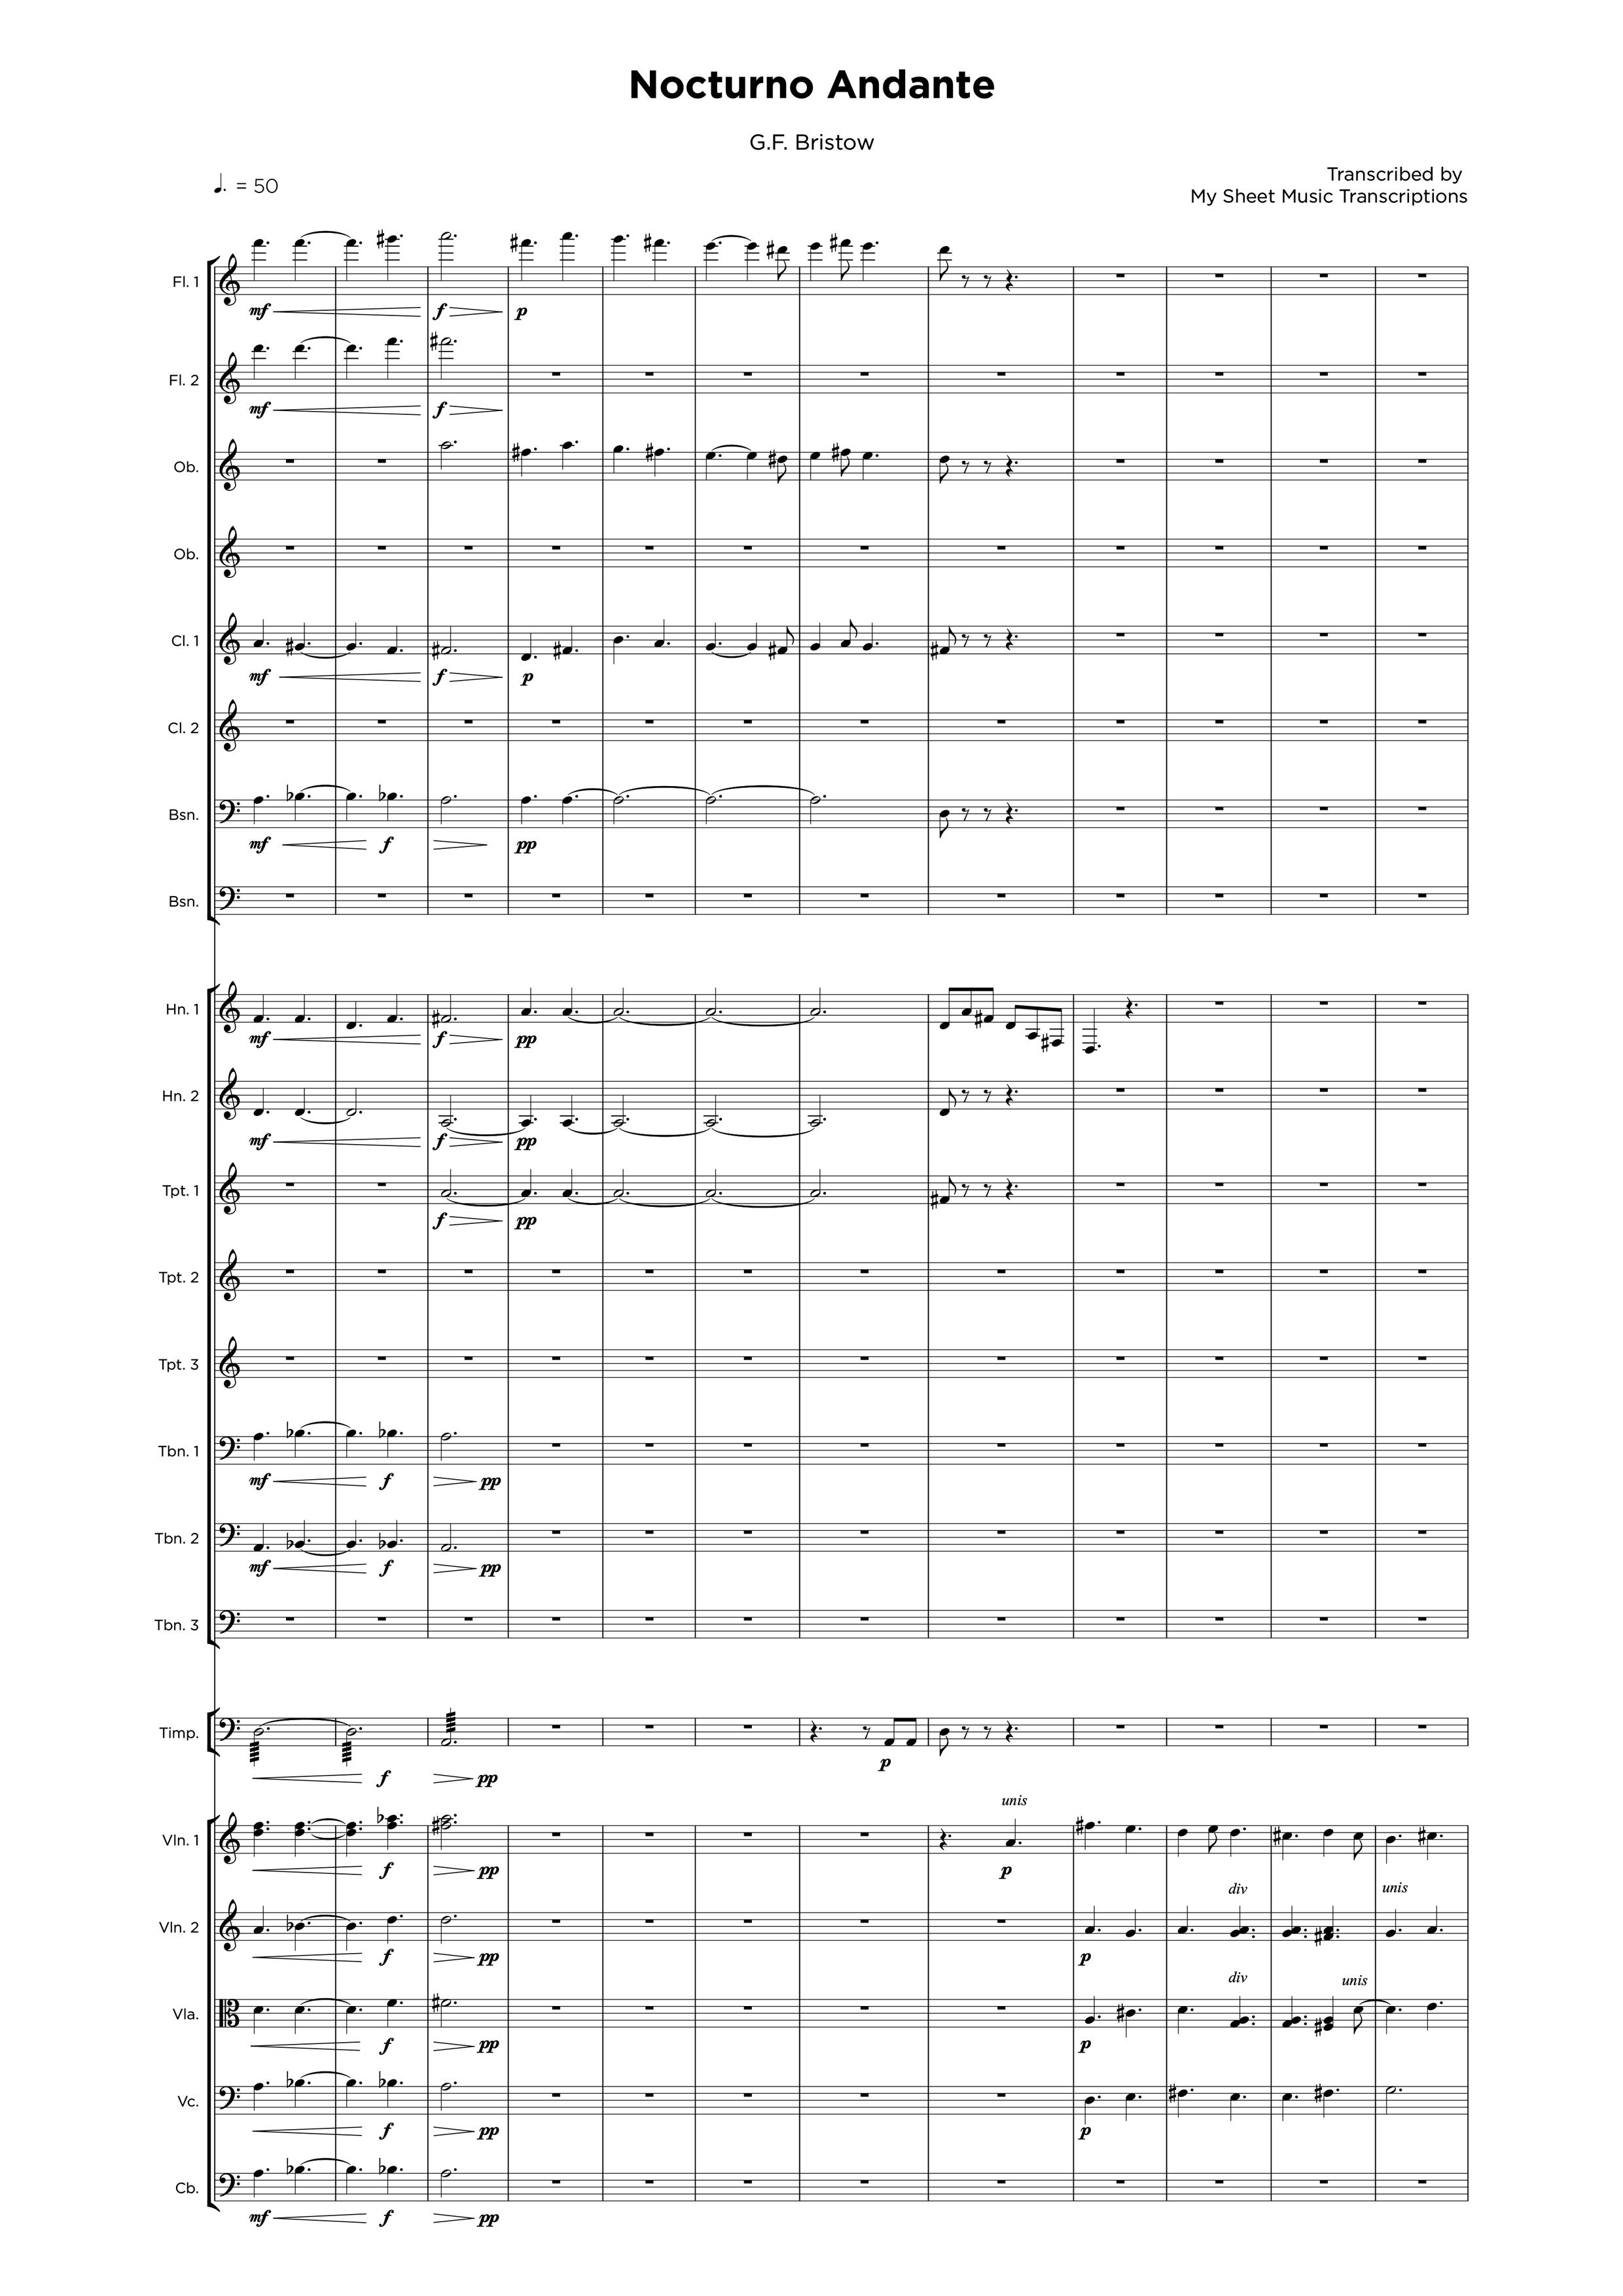 Nocturno Andante - Transcripción de partitura para orquestraciones